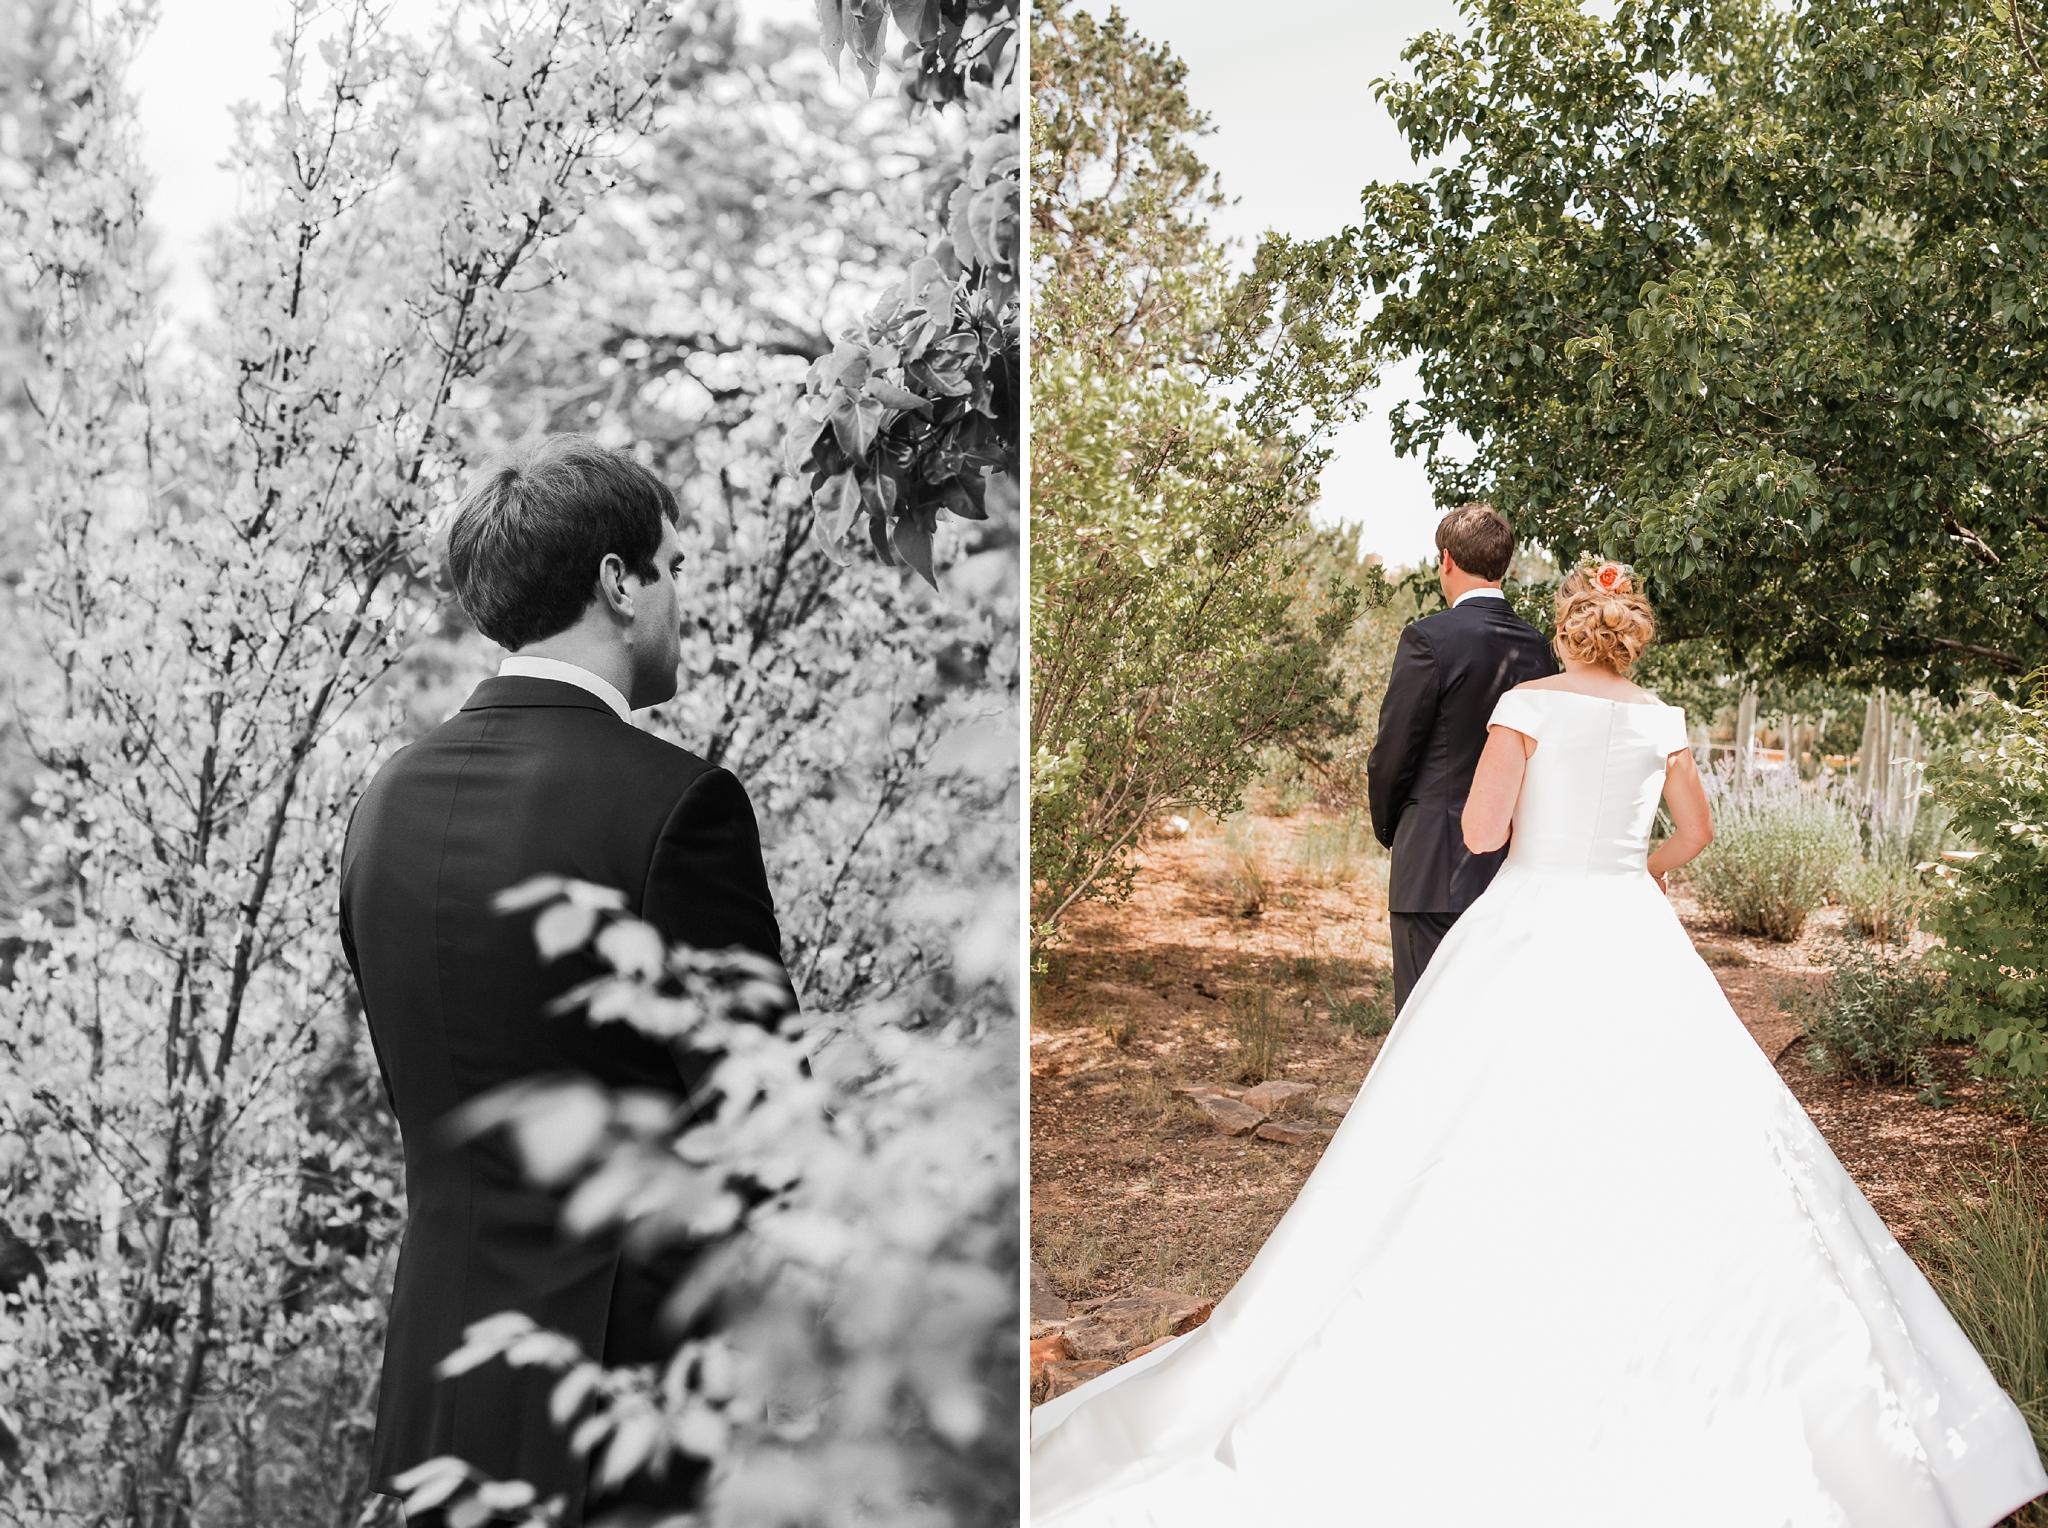 Alicia+lucia+photography+-+albuquerque+wedding+photographer+-+santa+fe+wedding+photography+-+new+mexico+wedding+photographer+-+new+mexico+wedding+-+las+campanas+wedding+-+santa+fe+wedding+-+maximalist+wedding+-+destination+wedding_0031.jpg